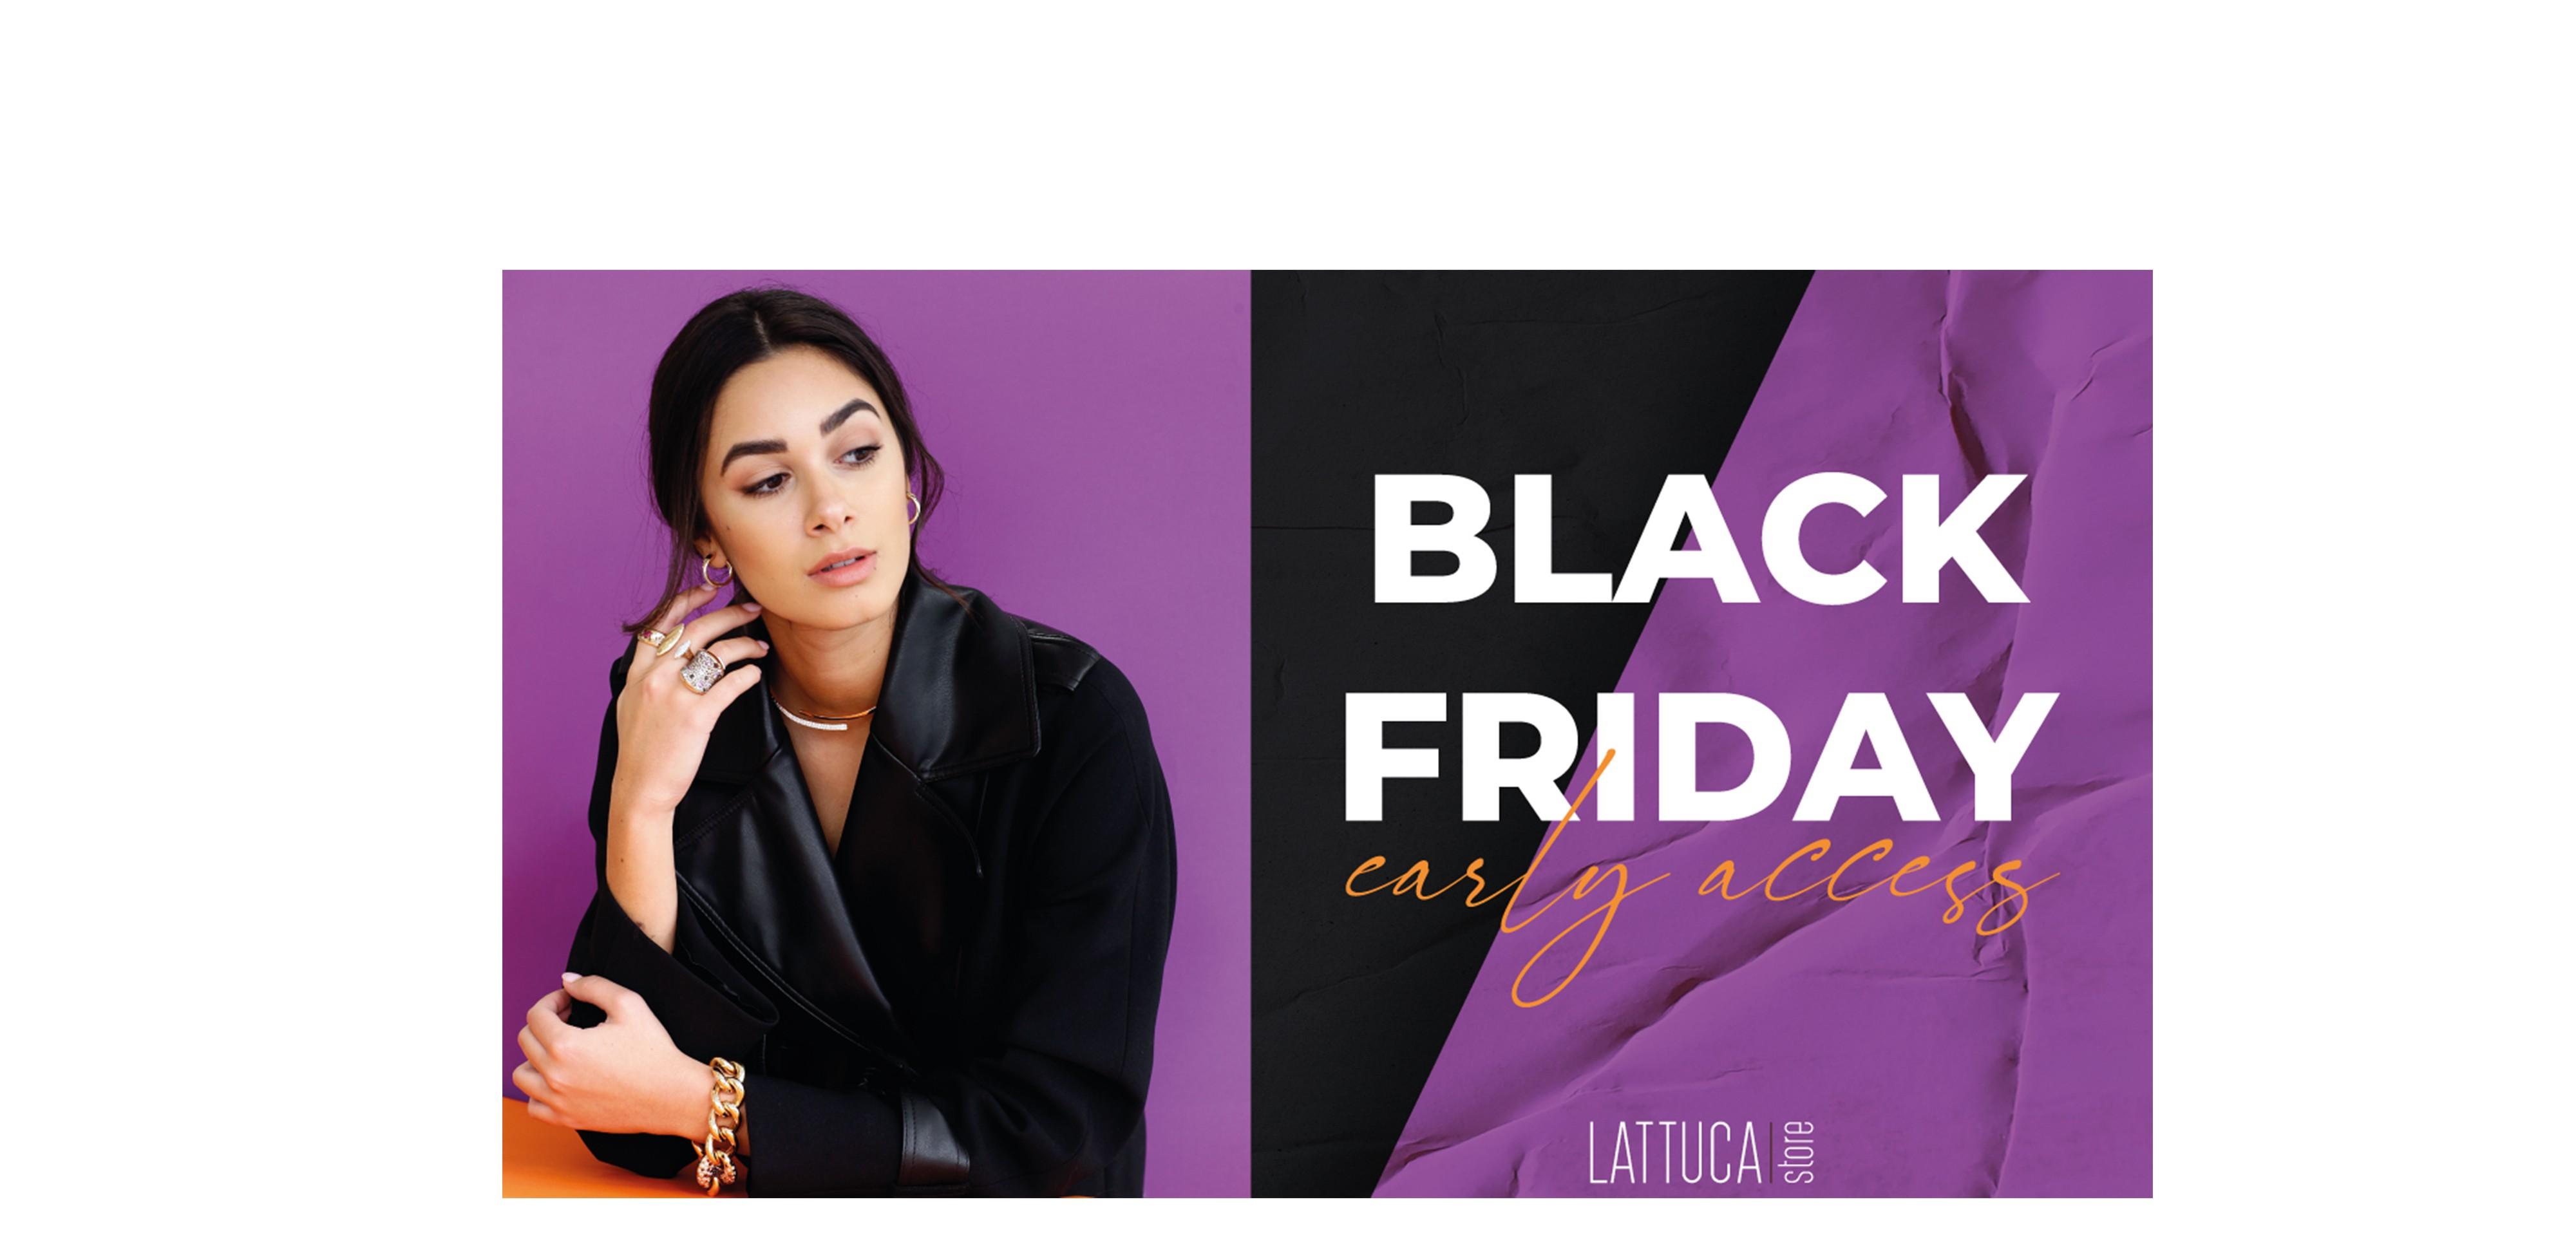 Black Friday 2020 Lattuca Store